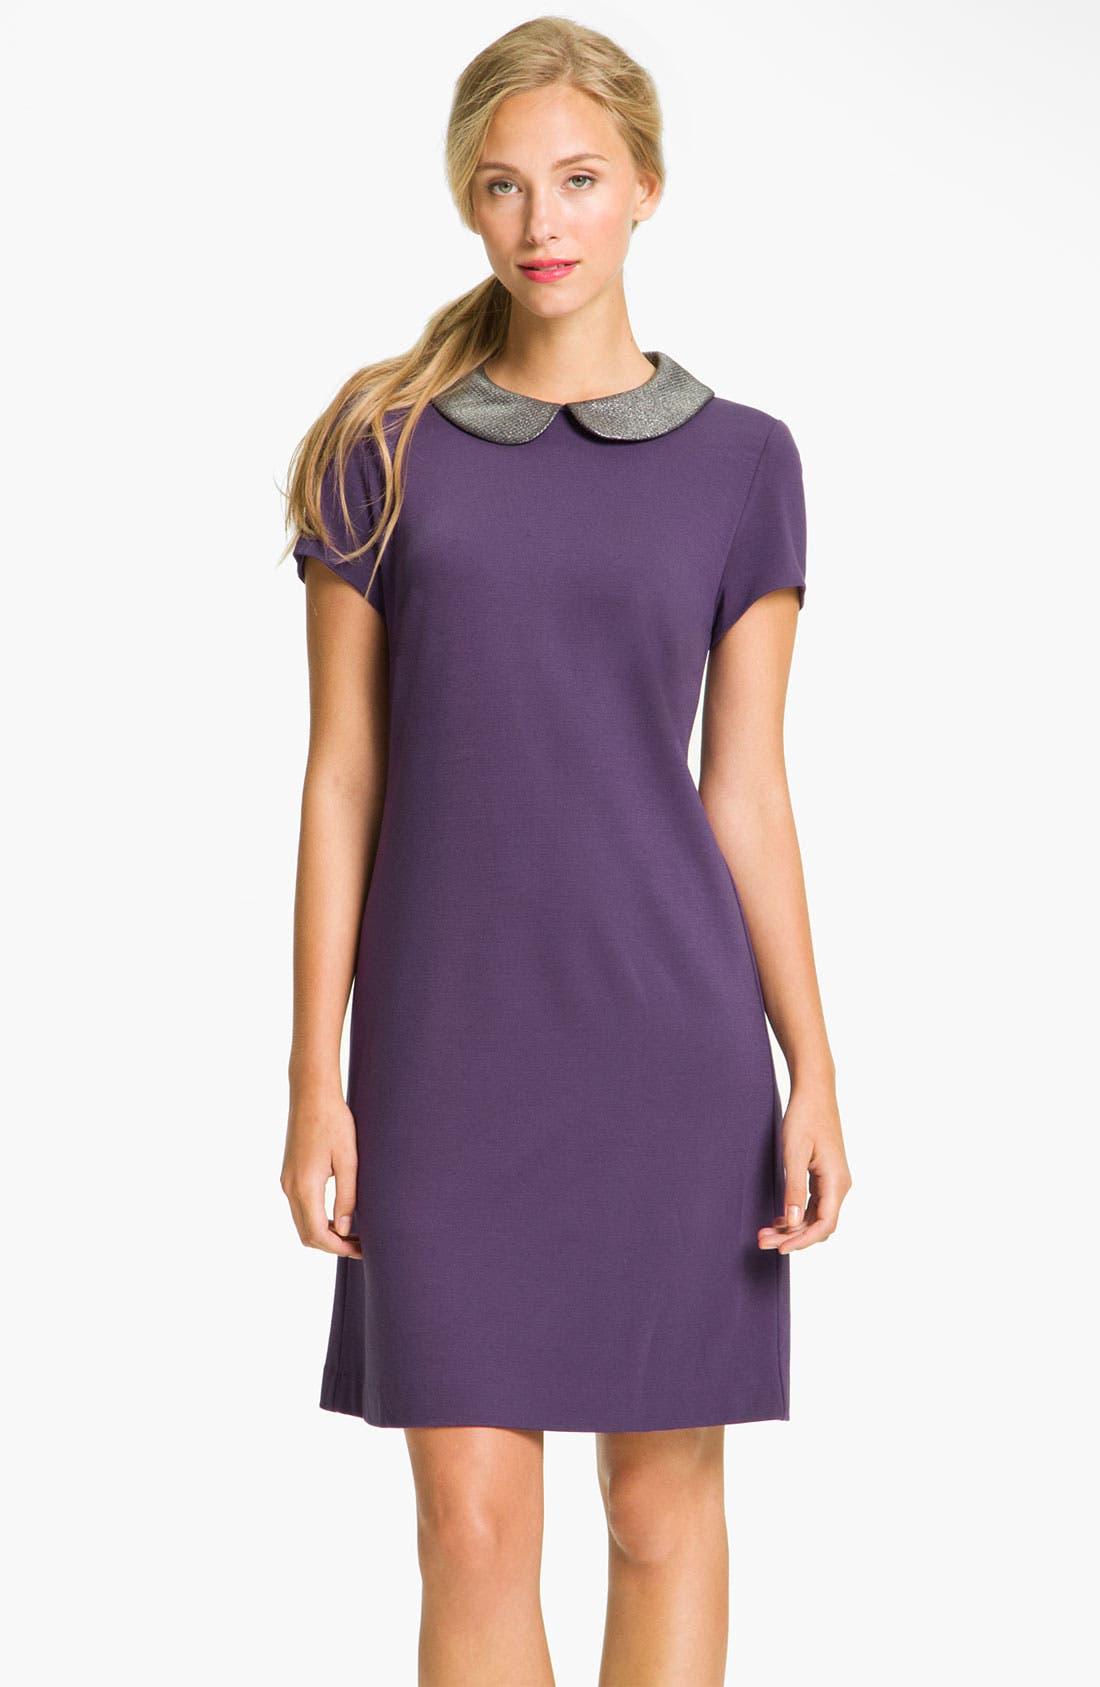 DONNA MORGAN, Metallic Peter Pan Collar Shift Dress, Main thumbnail 1, color, 500